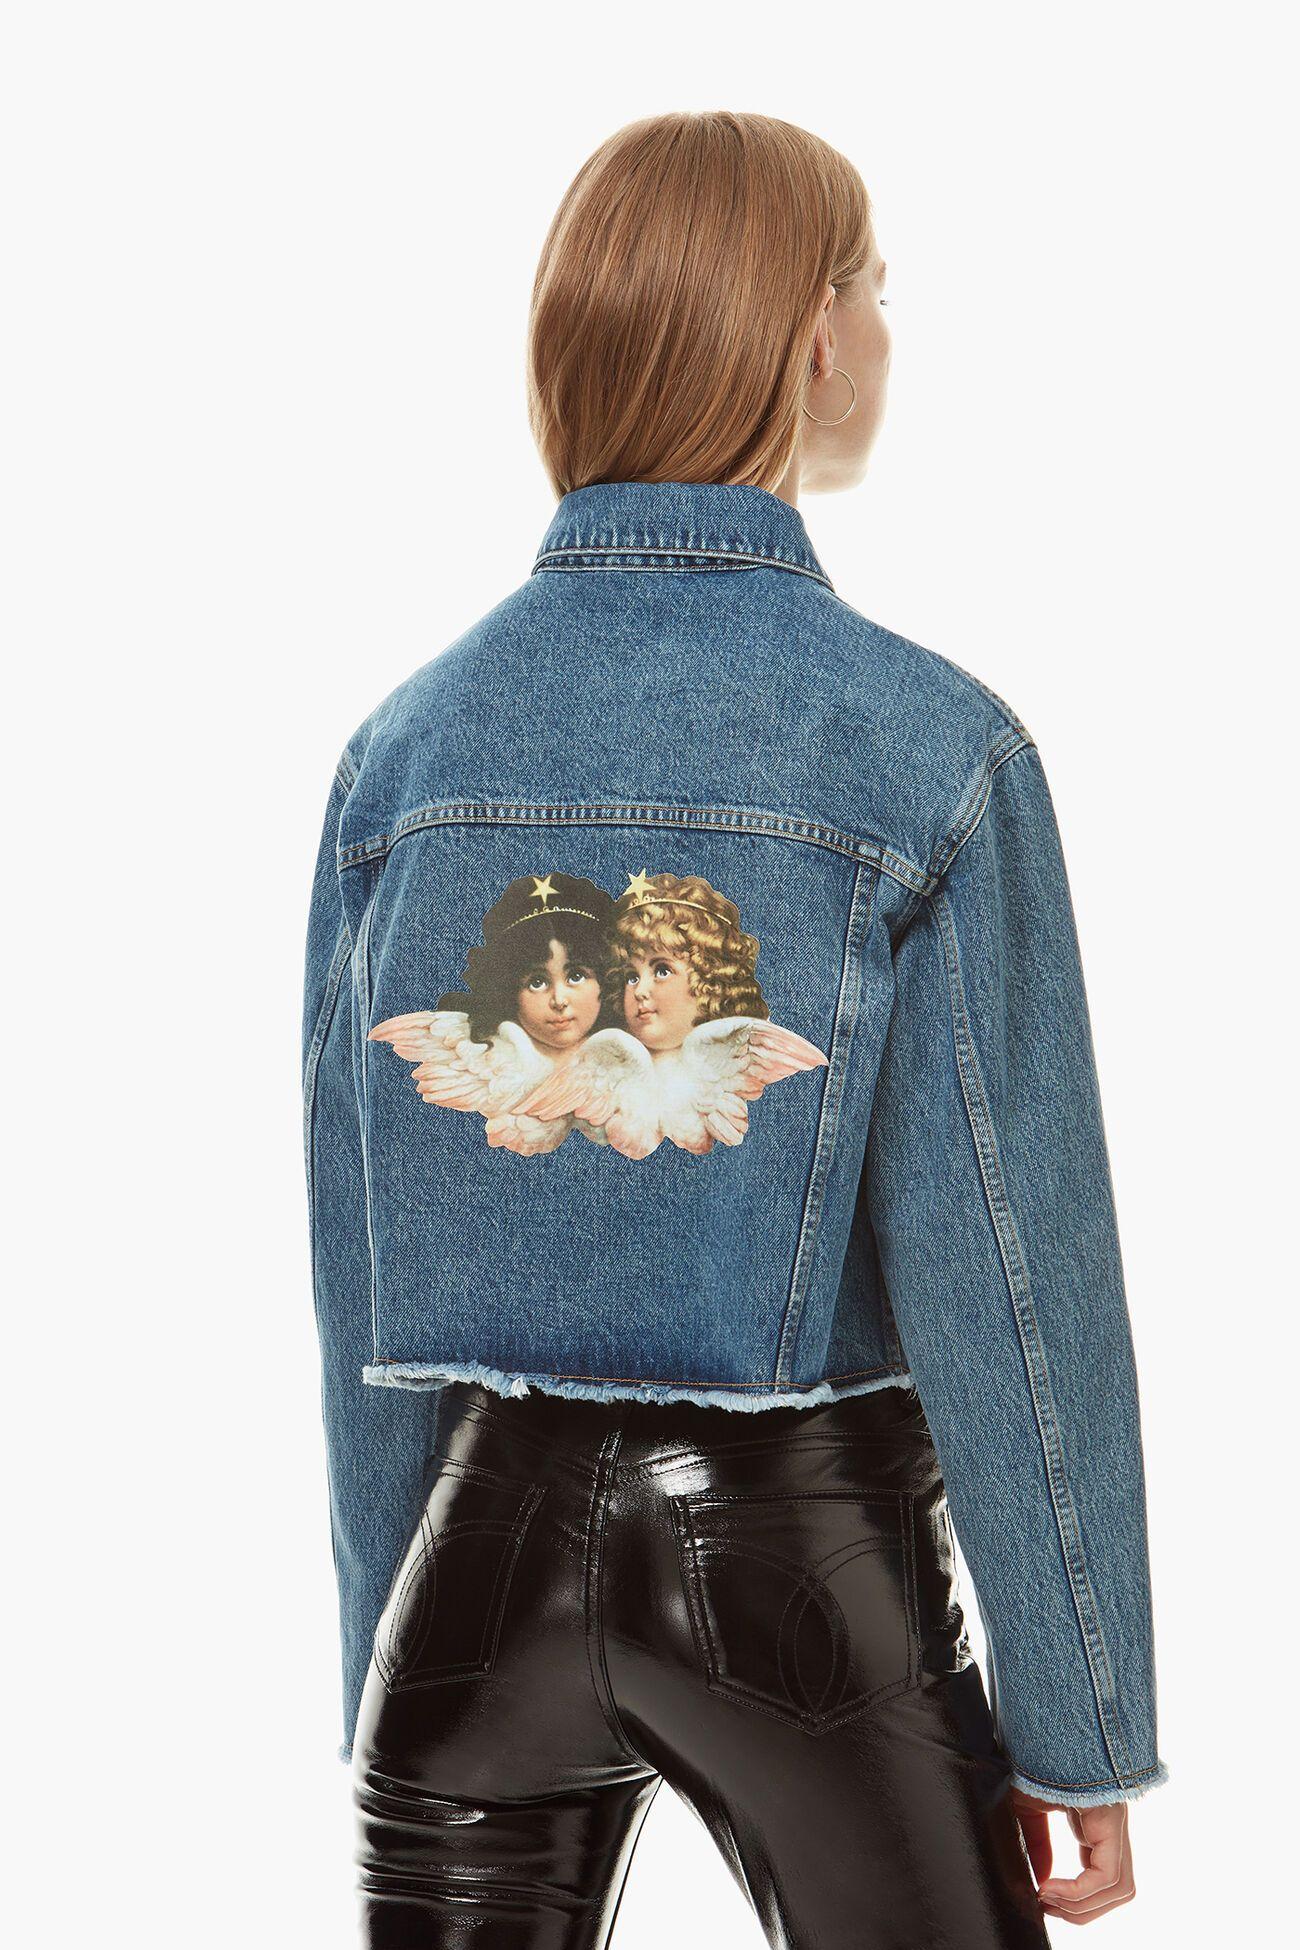 ¿Por qué todas las marcas están sacando prendas con estampado de ángeles?